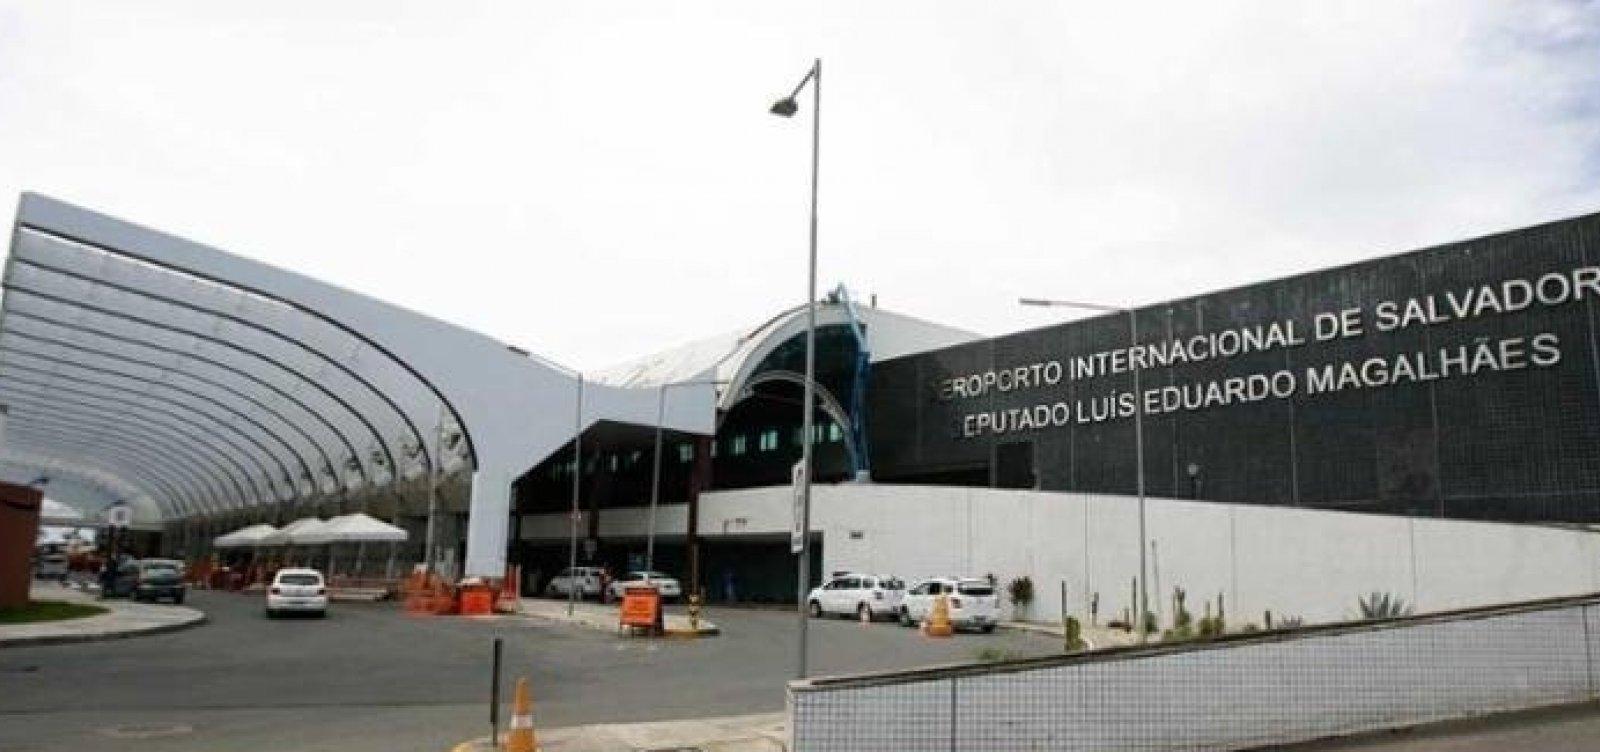 [Pesquisa aponta melhora da satisfação dos passageiros com Aeroporto de Salvador]